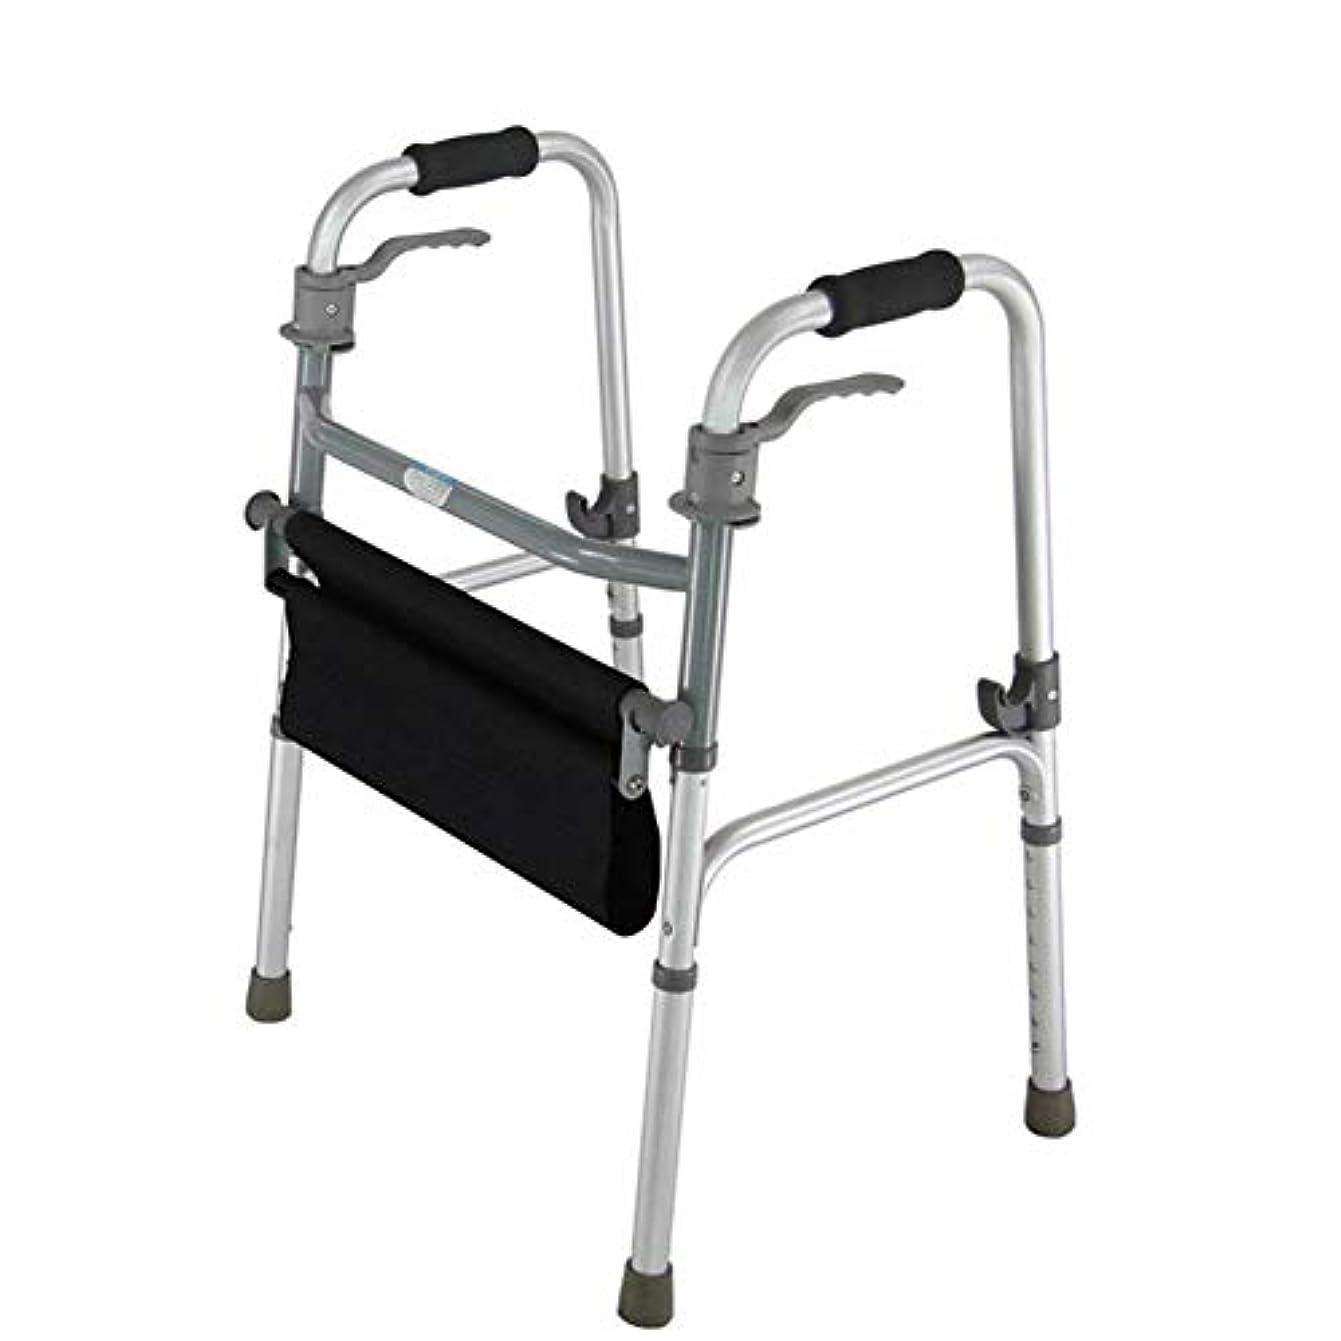 エキス封建損失軽量で折り畳み可能なフレーム、アテンダント駆動の車椅子、ポータブルトランジットトラベルチェア